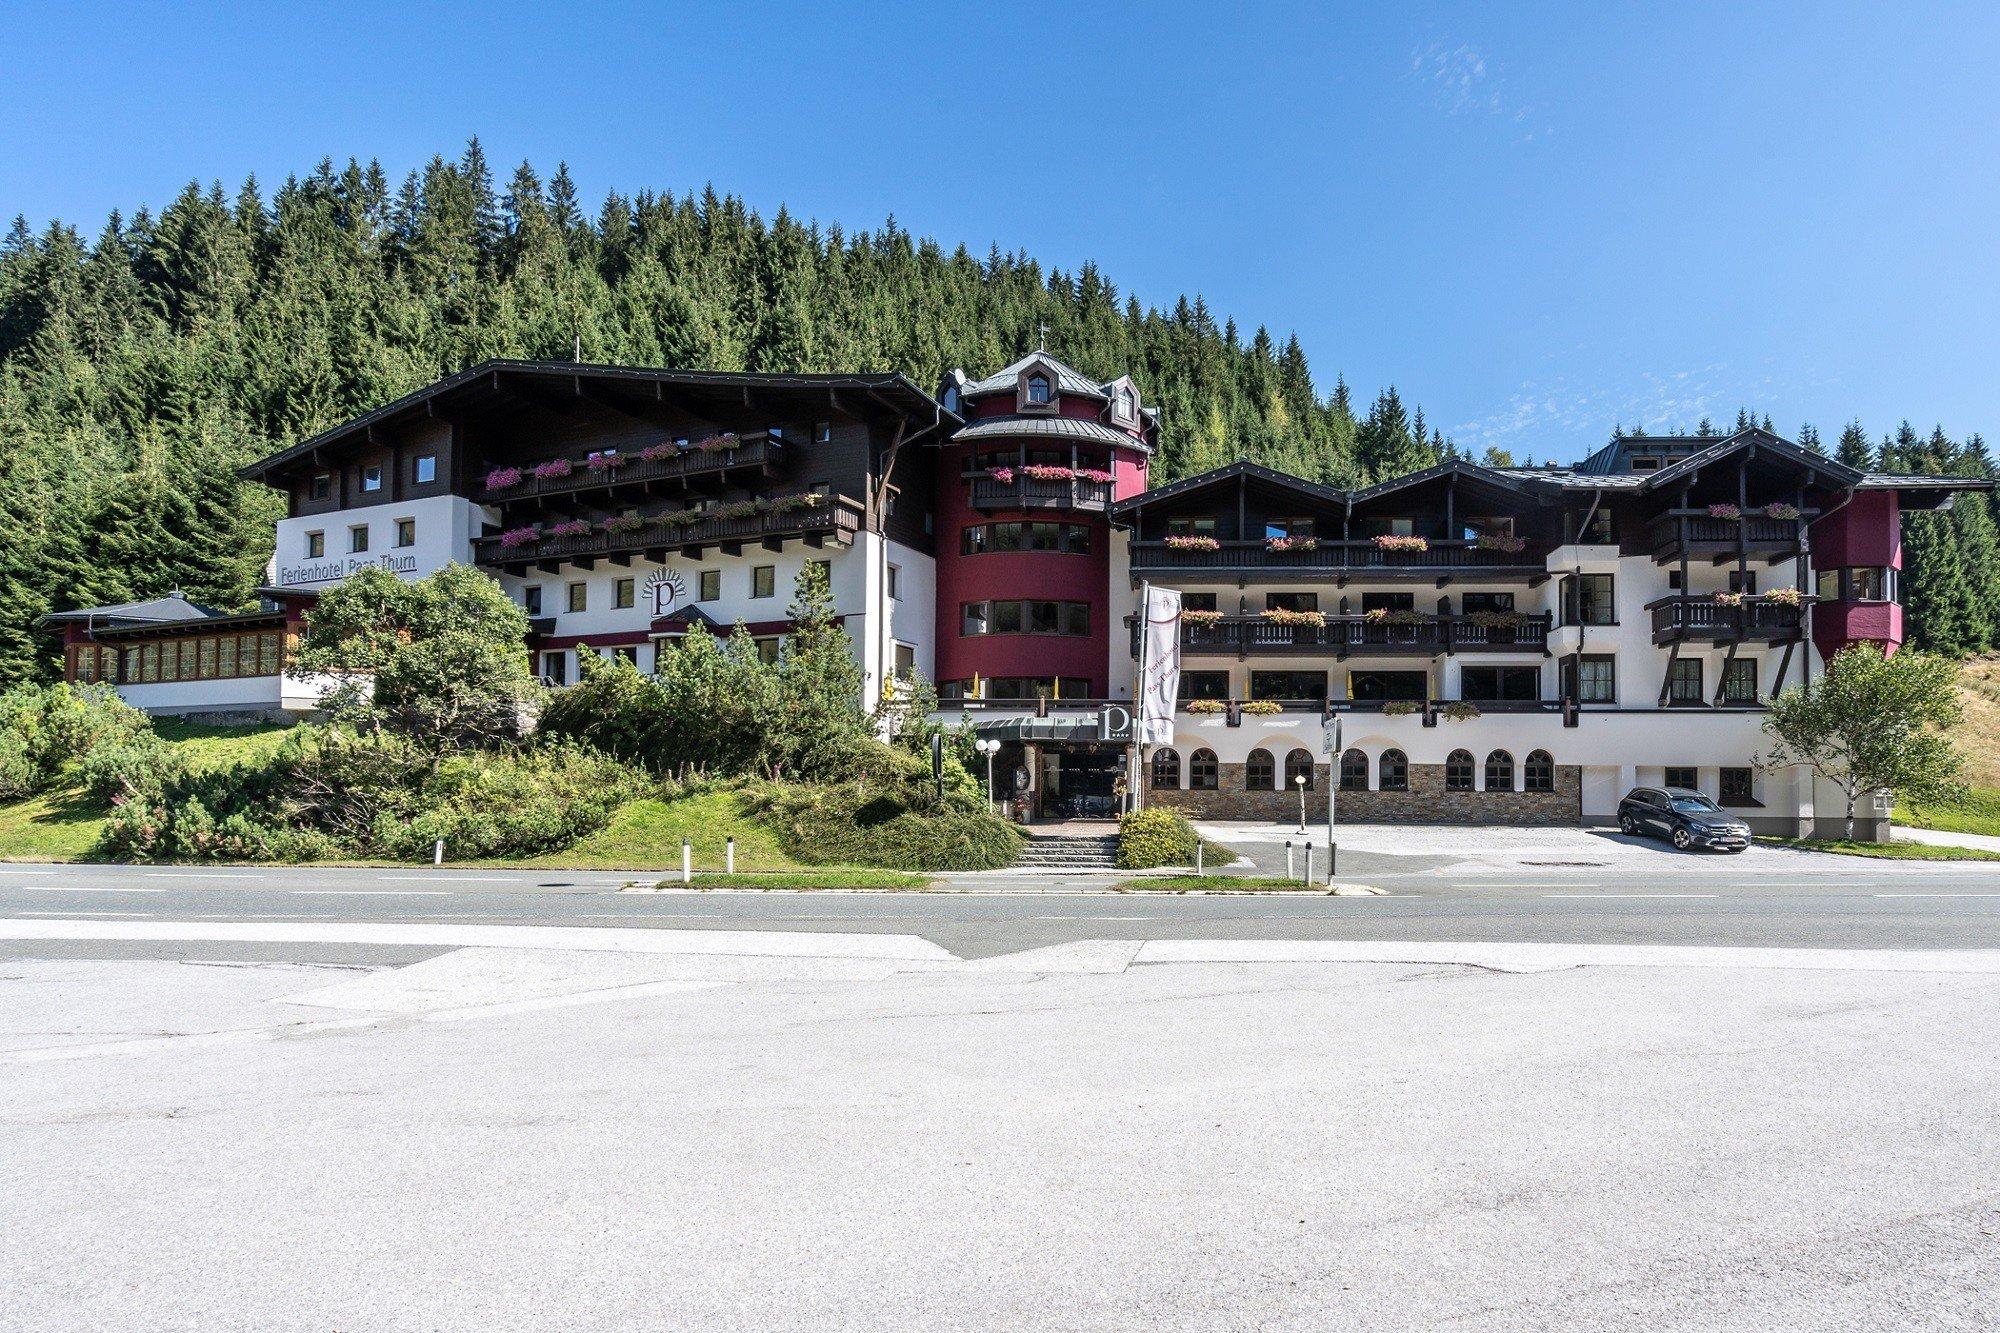 Dagaanbieding - 4, 5 of 8 dagen in een 4*-familiehotel o.b.v. all-inclusive in het Oostenrijkse Mittersill in het Salzburgerland dagelijkse koopjes